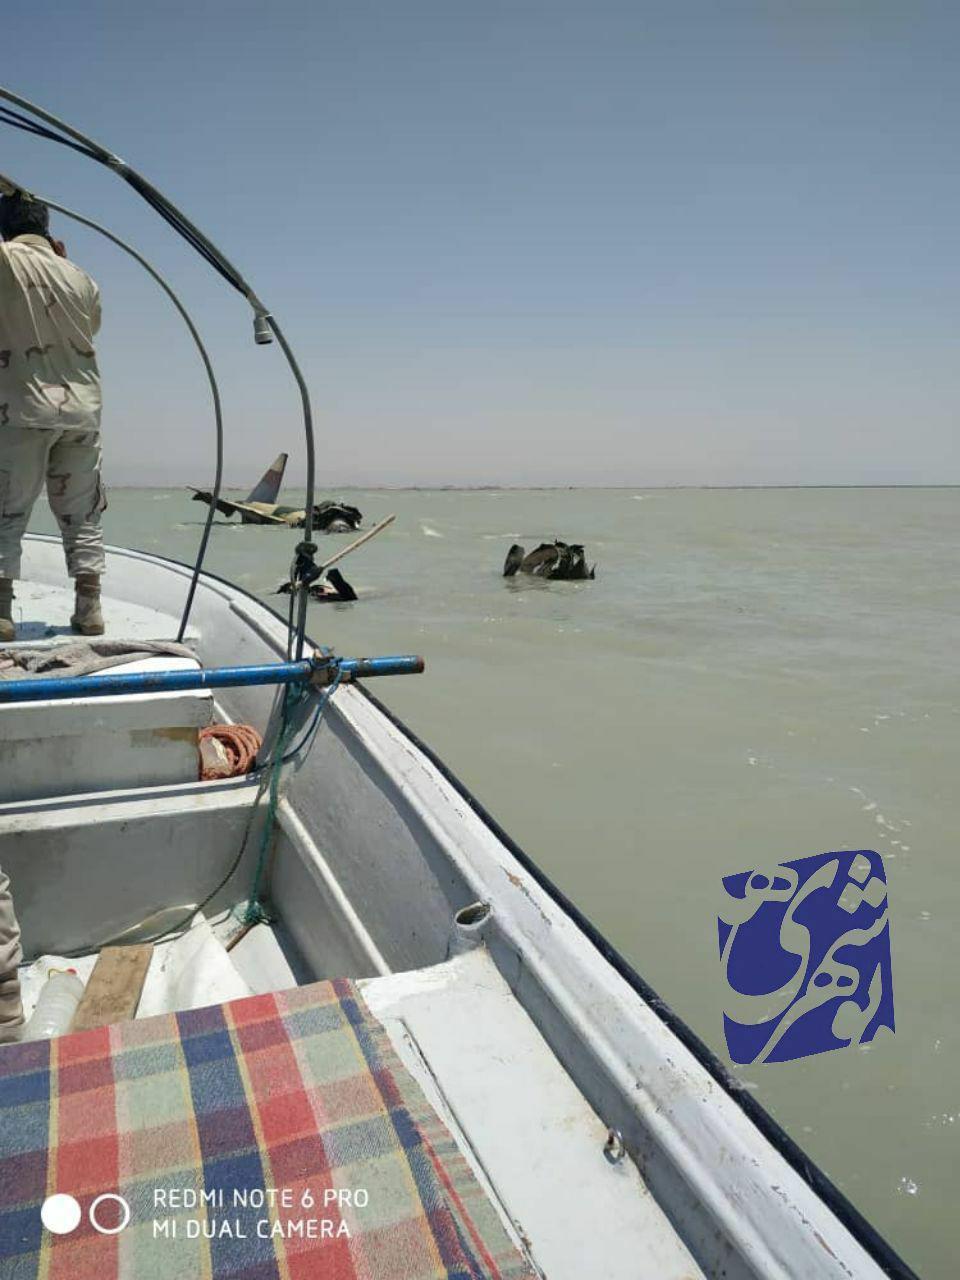 سقوط یک هواپیمای نظامی در ساحل تنگستان بوشهر + عکس